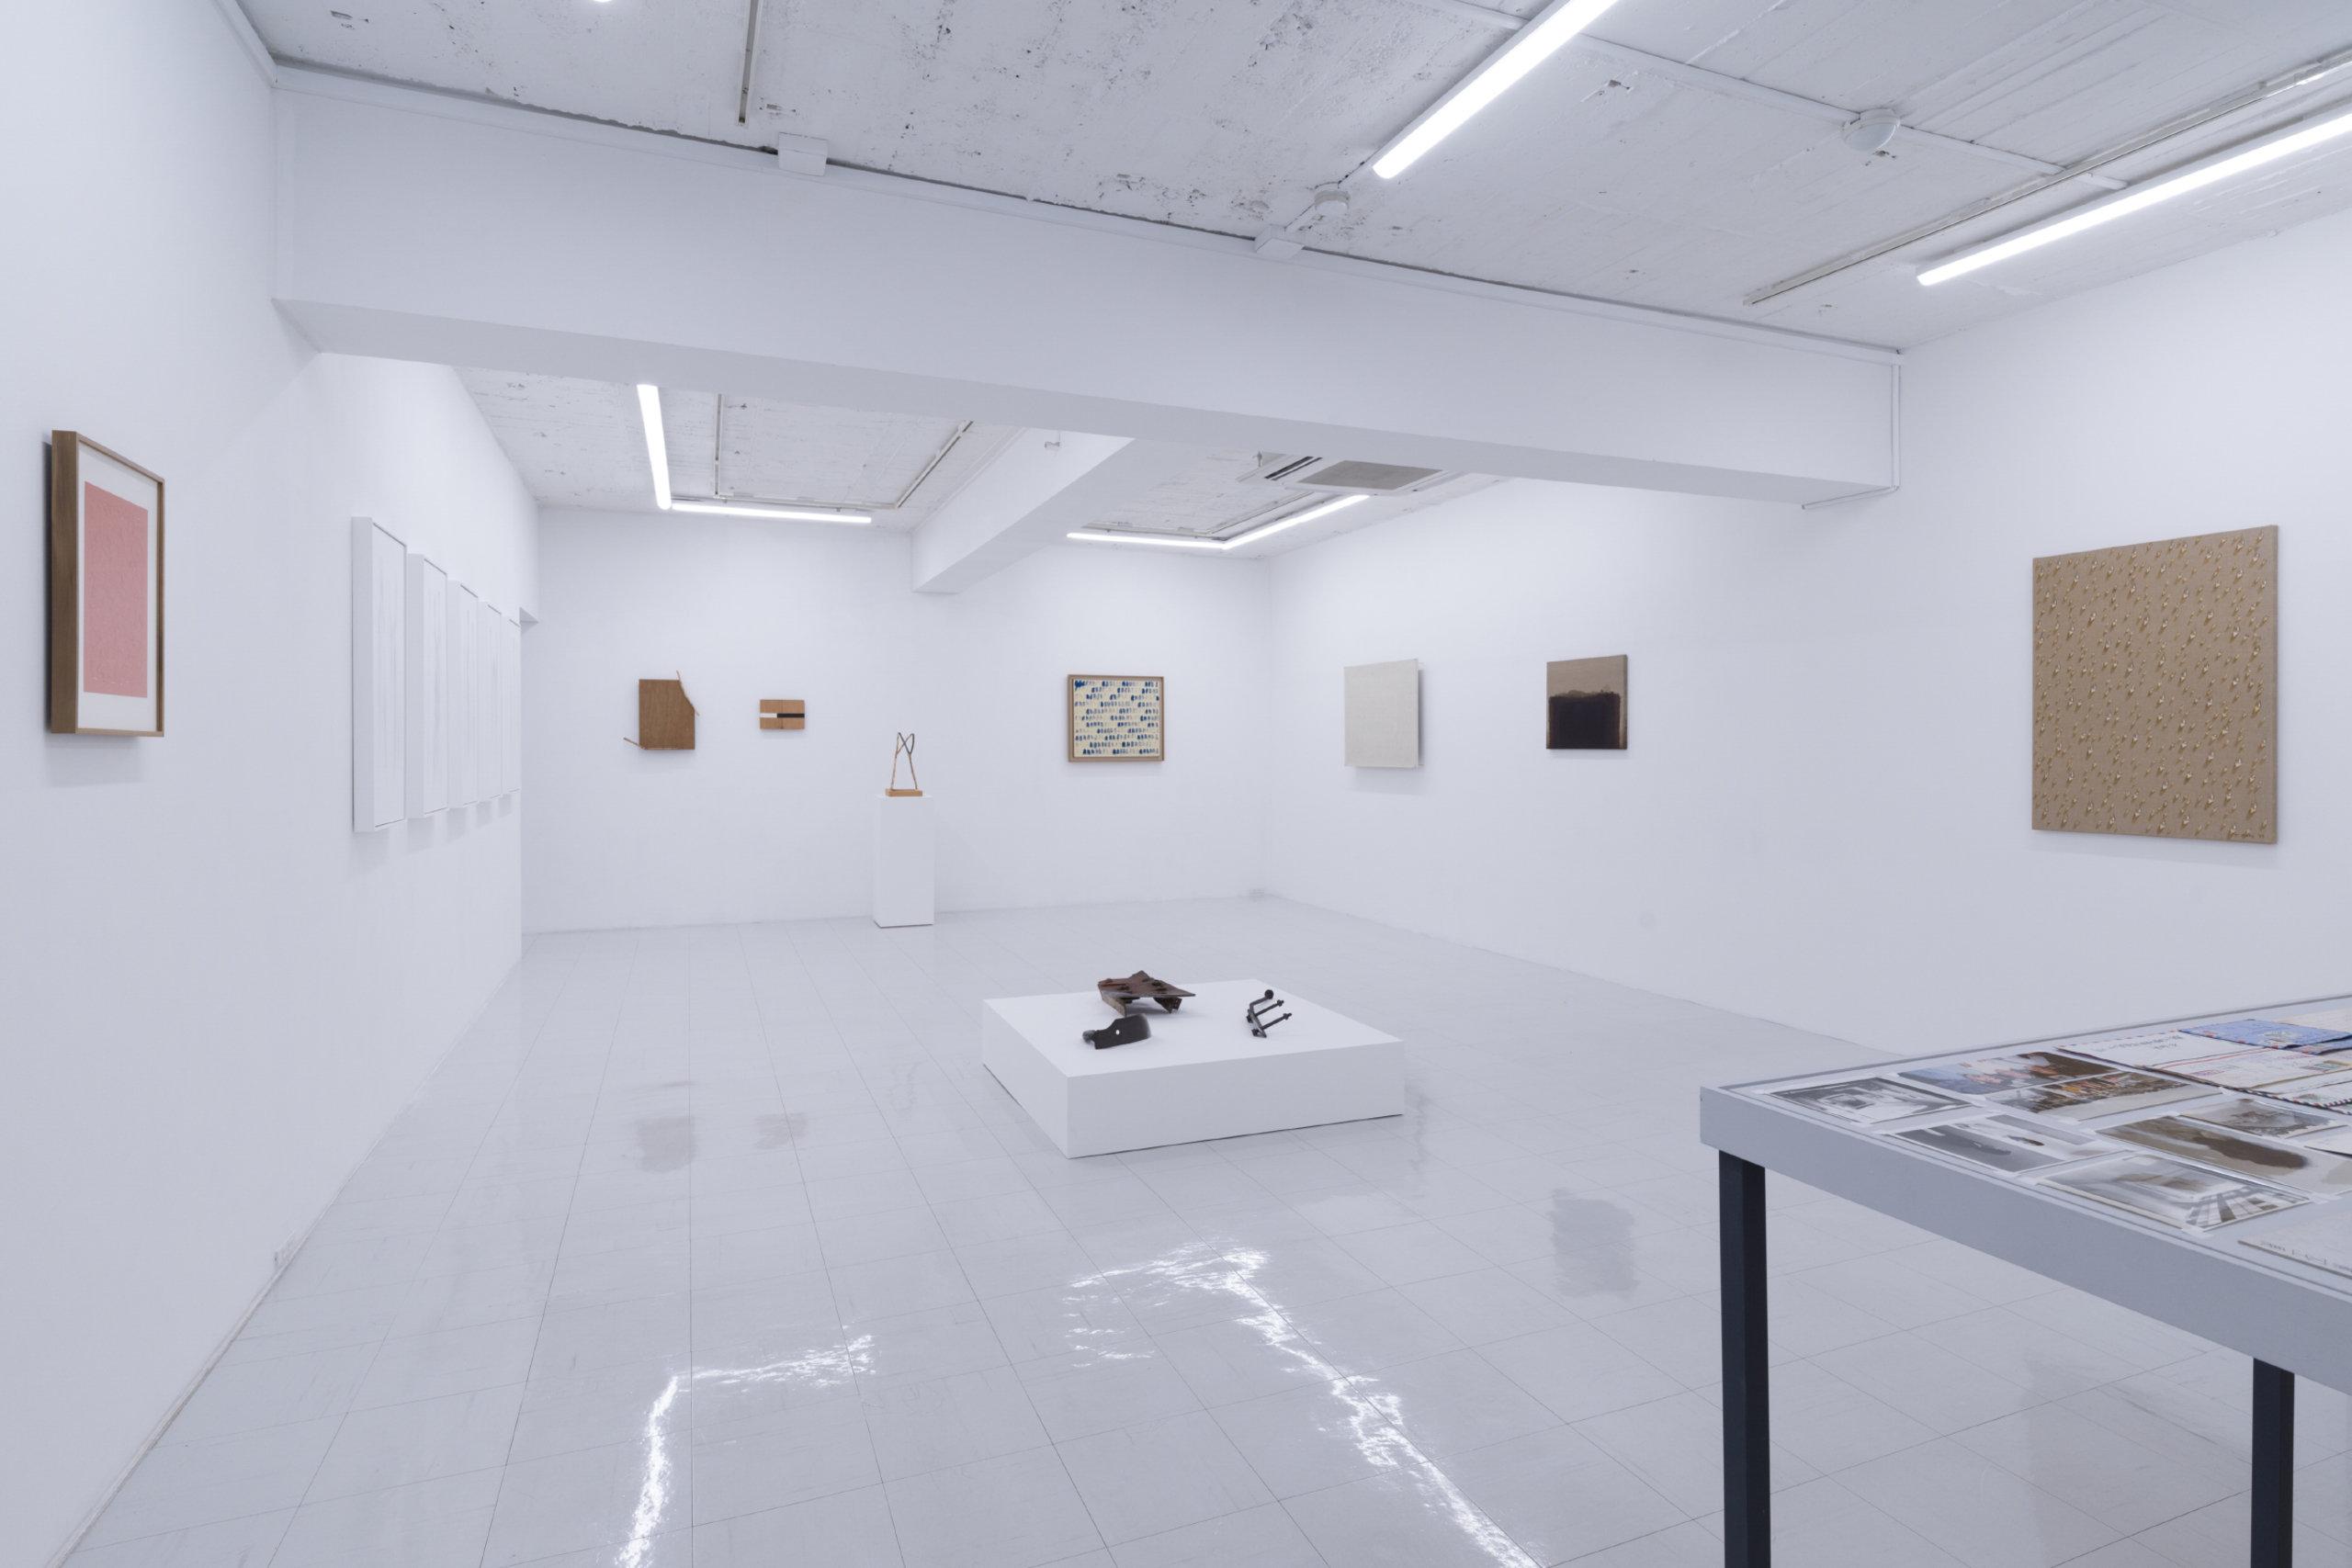 「東京画廊70年(後期)」 展示風景 東京画廊+BTAP(東京) 2020年11月28日 – 12月24日 Courtesy of Tokyo Gallery+BTAP / Photo: Kei Okano